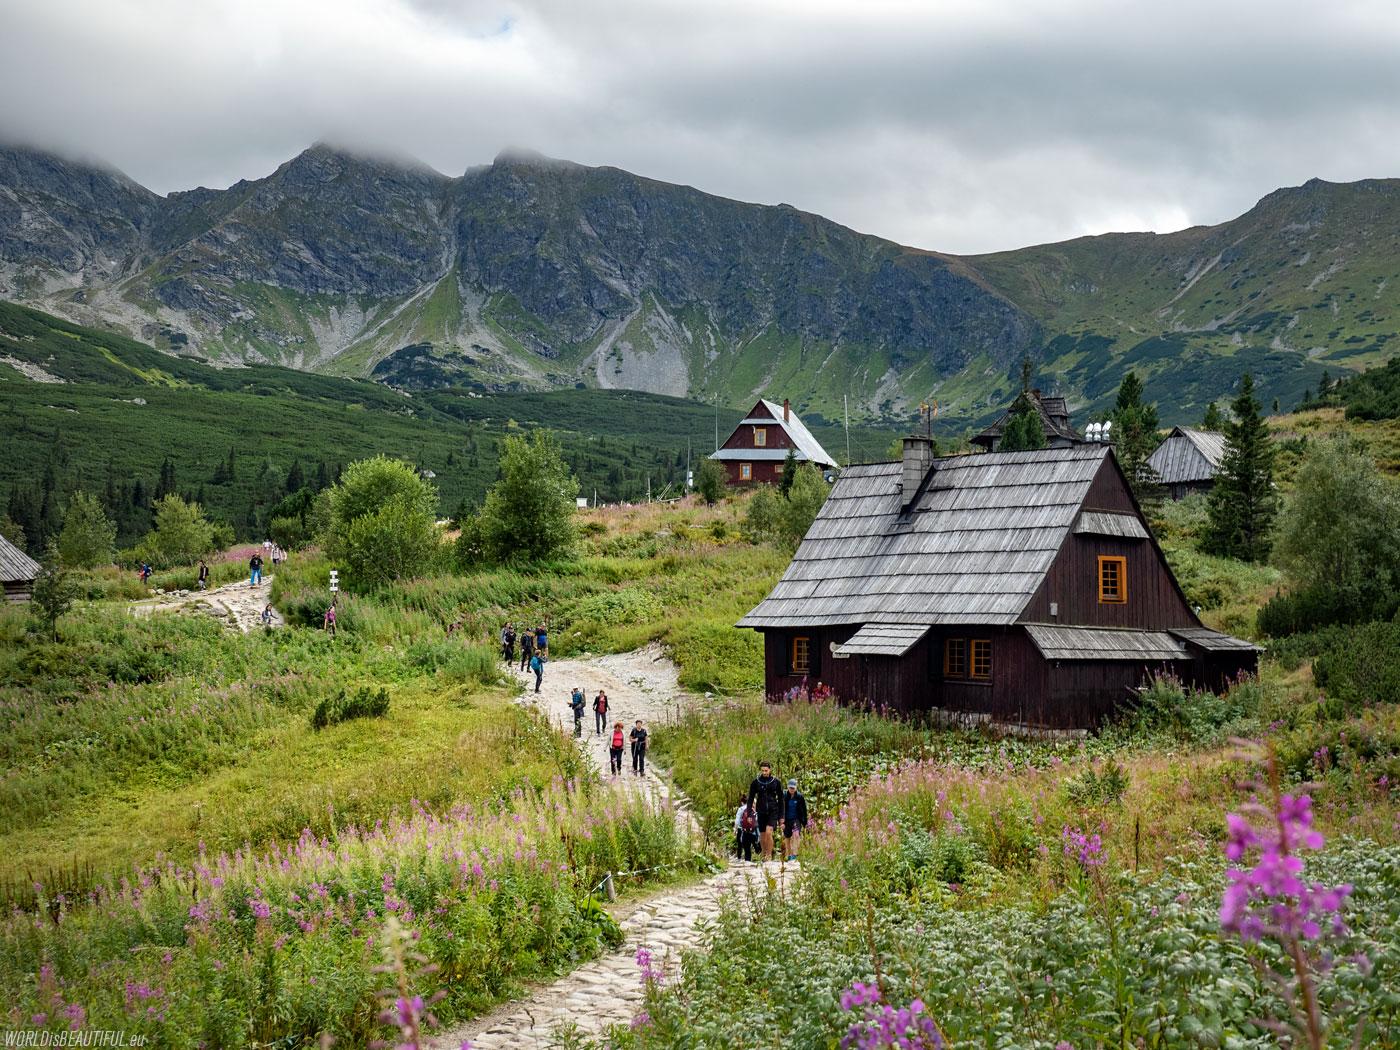 Shepherd's huts in Hala Gąsienicowa